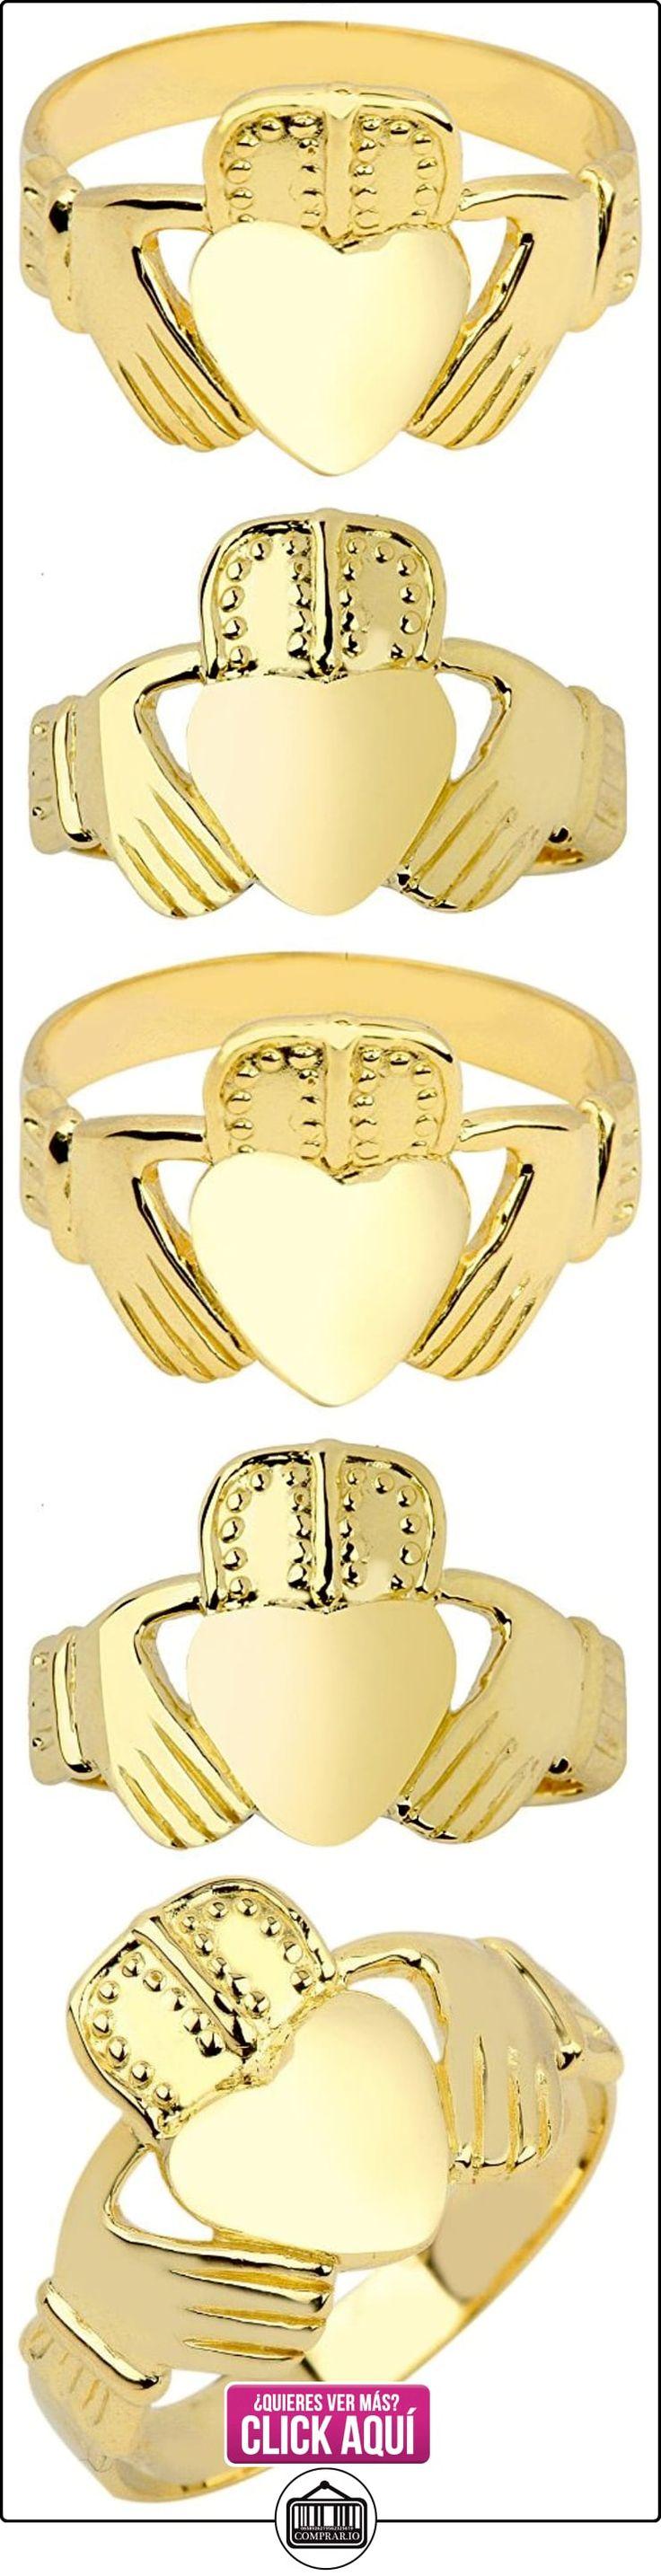 Pequeños Tesoros - Anillos Hombres Alianza De Boda 10 Kt Oro 471/1000 Claddagh Clásico  ✿ Joyas para hombres especiales - lujo ✿ ▬► Ver oferta: https://comprar.io/goto/B0127830JU